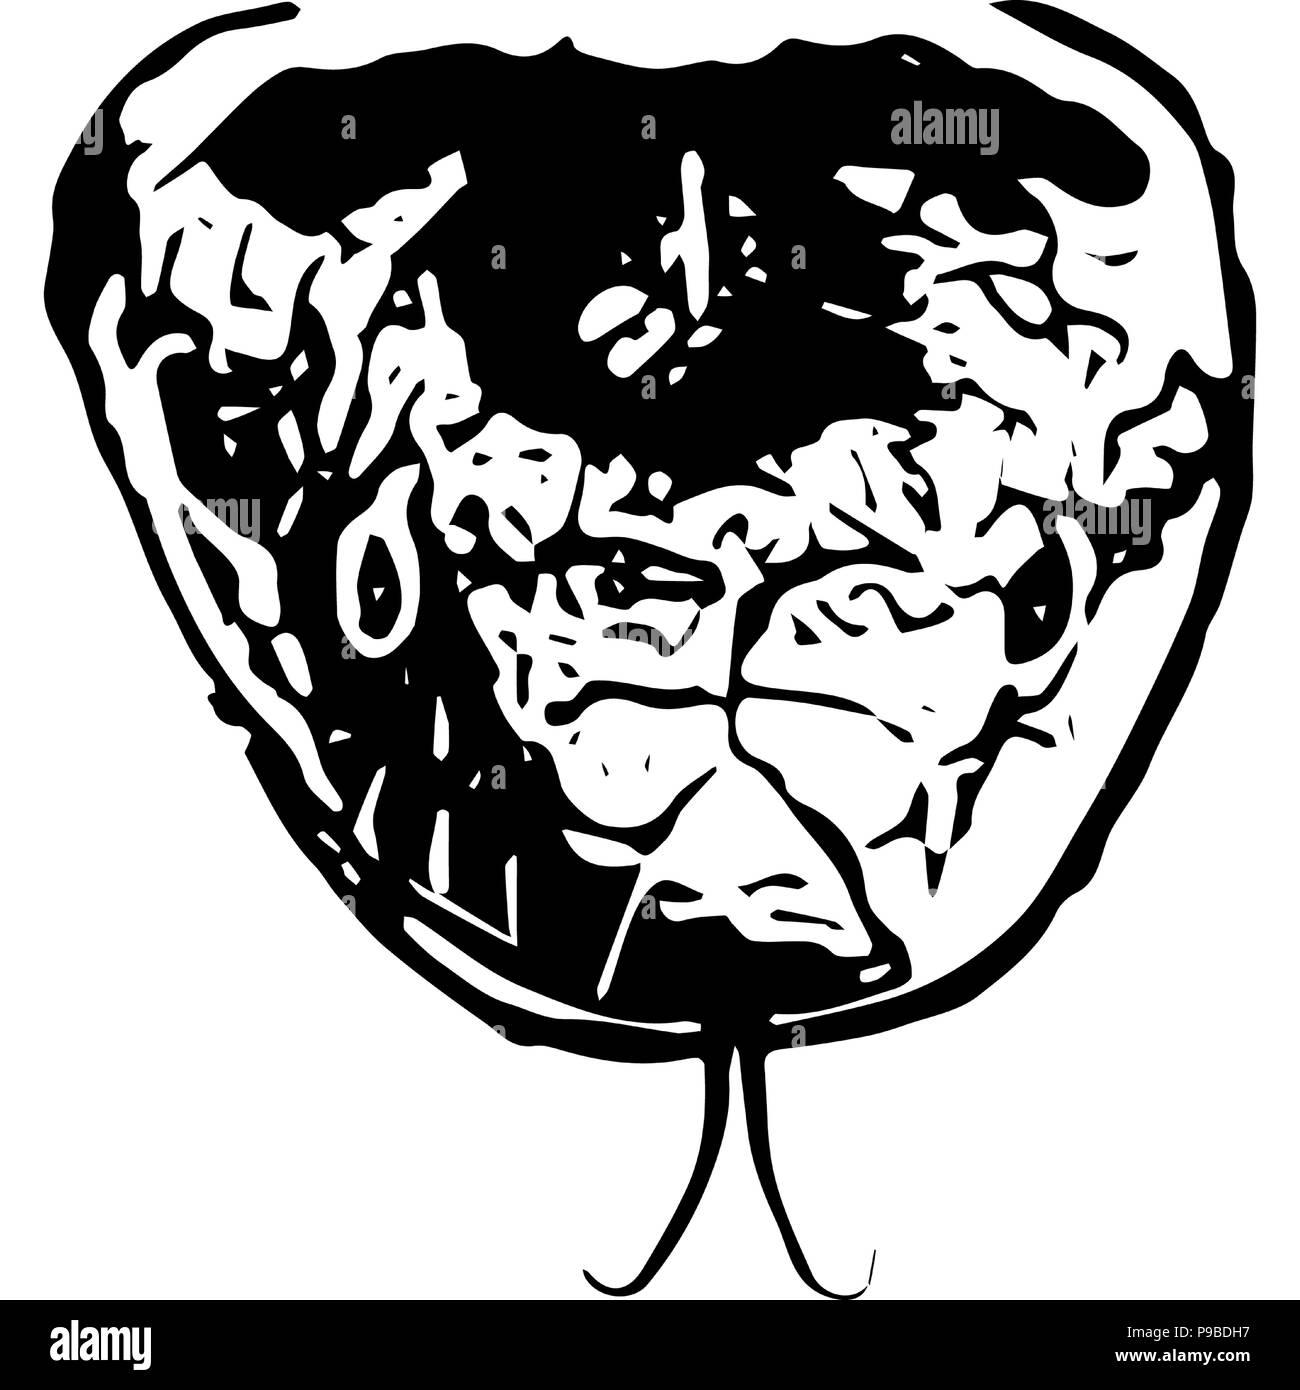 Gráficos vectoriales en blanco y negro de una suave cabeza de serpiente de frente. Imagen De Stock